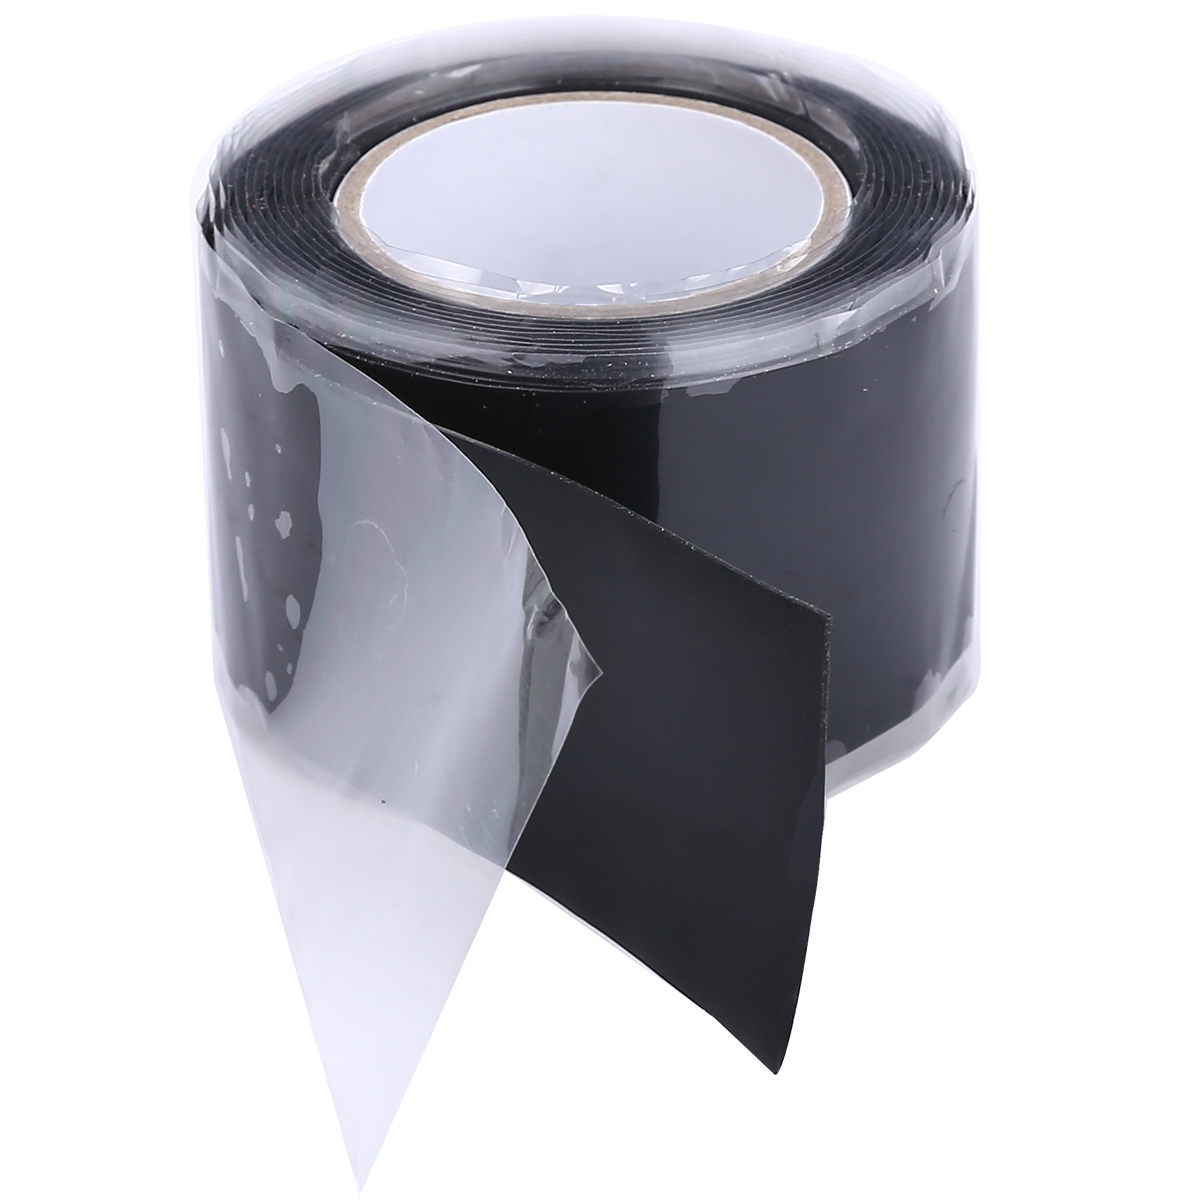 Mayitr Multi-purpose Self Adhesive Strong Repair Rescue Tape Self-Fusing Proof Water Pipe Repair Tape